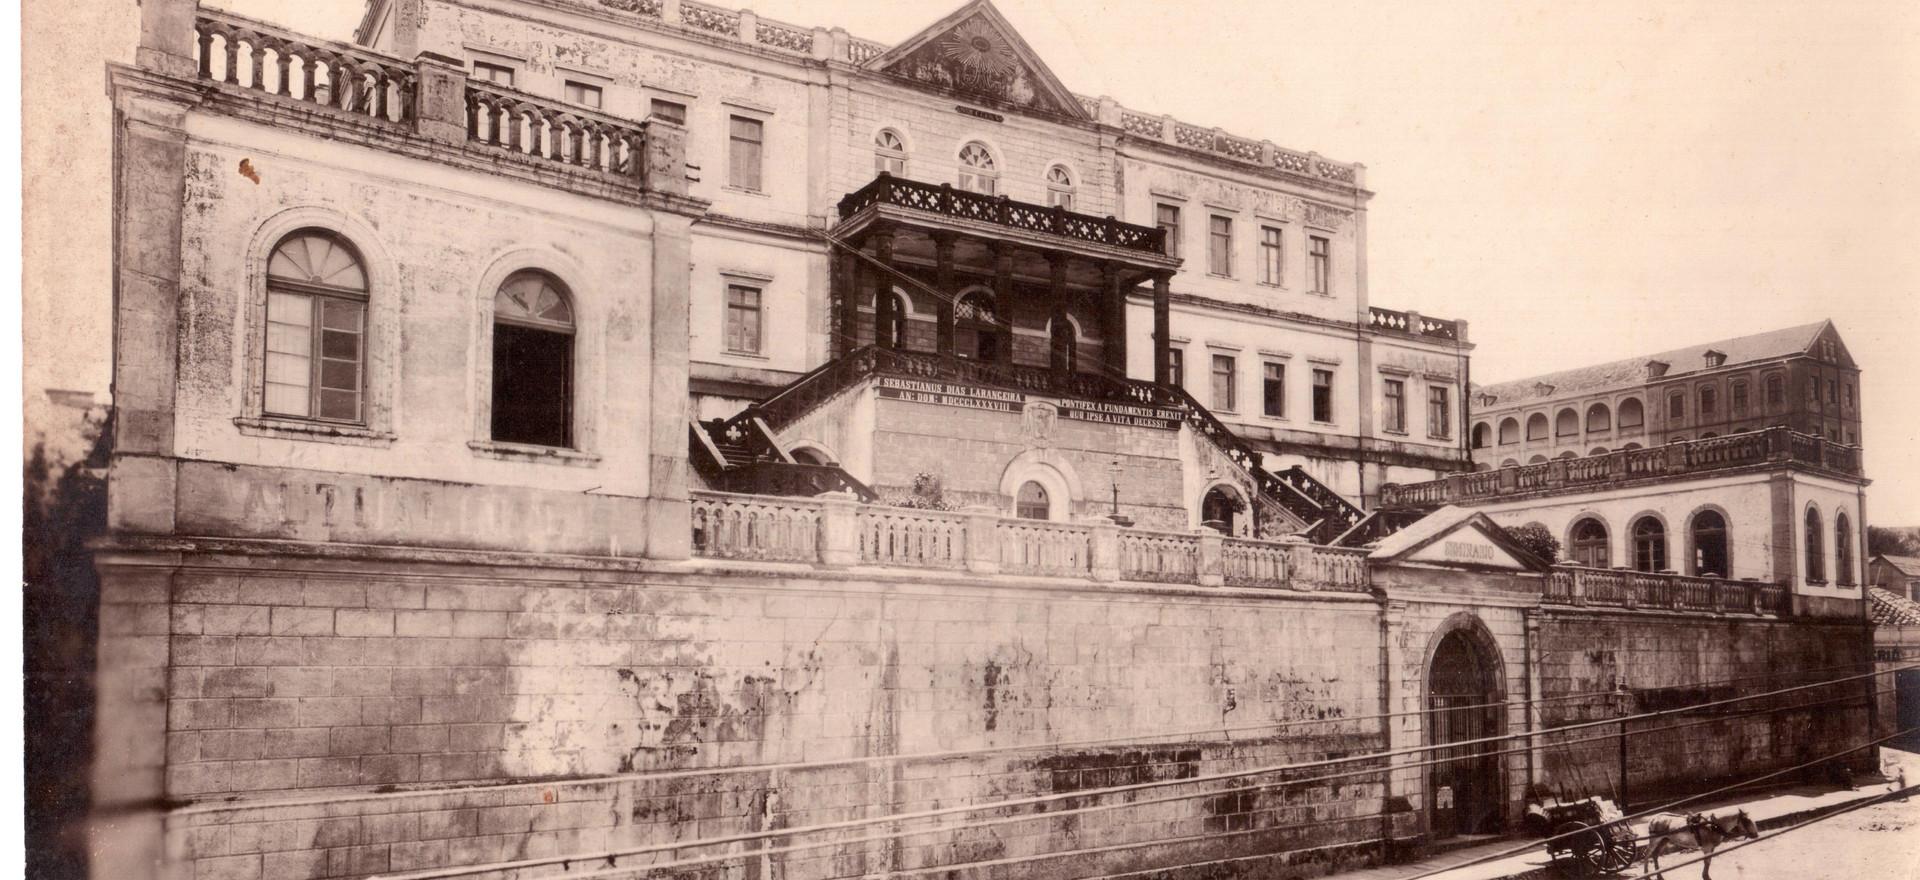 Foto: Acervo histórico